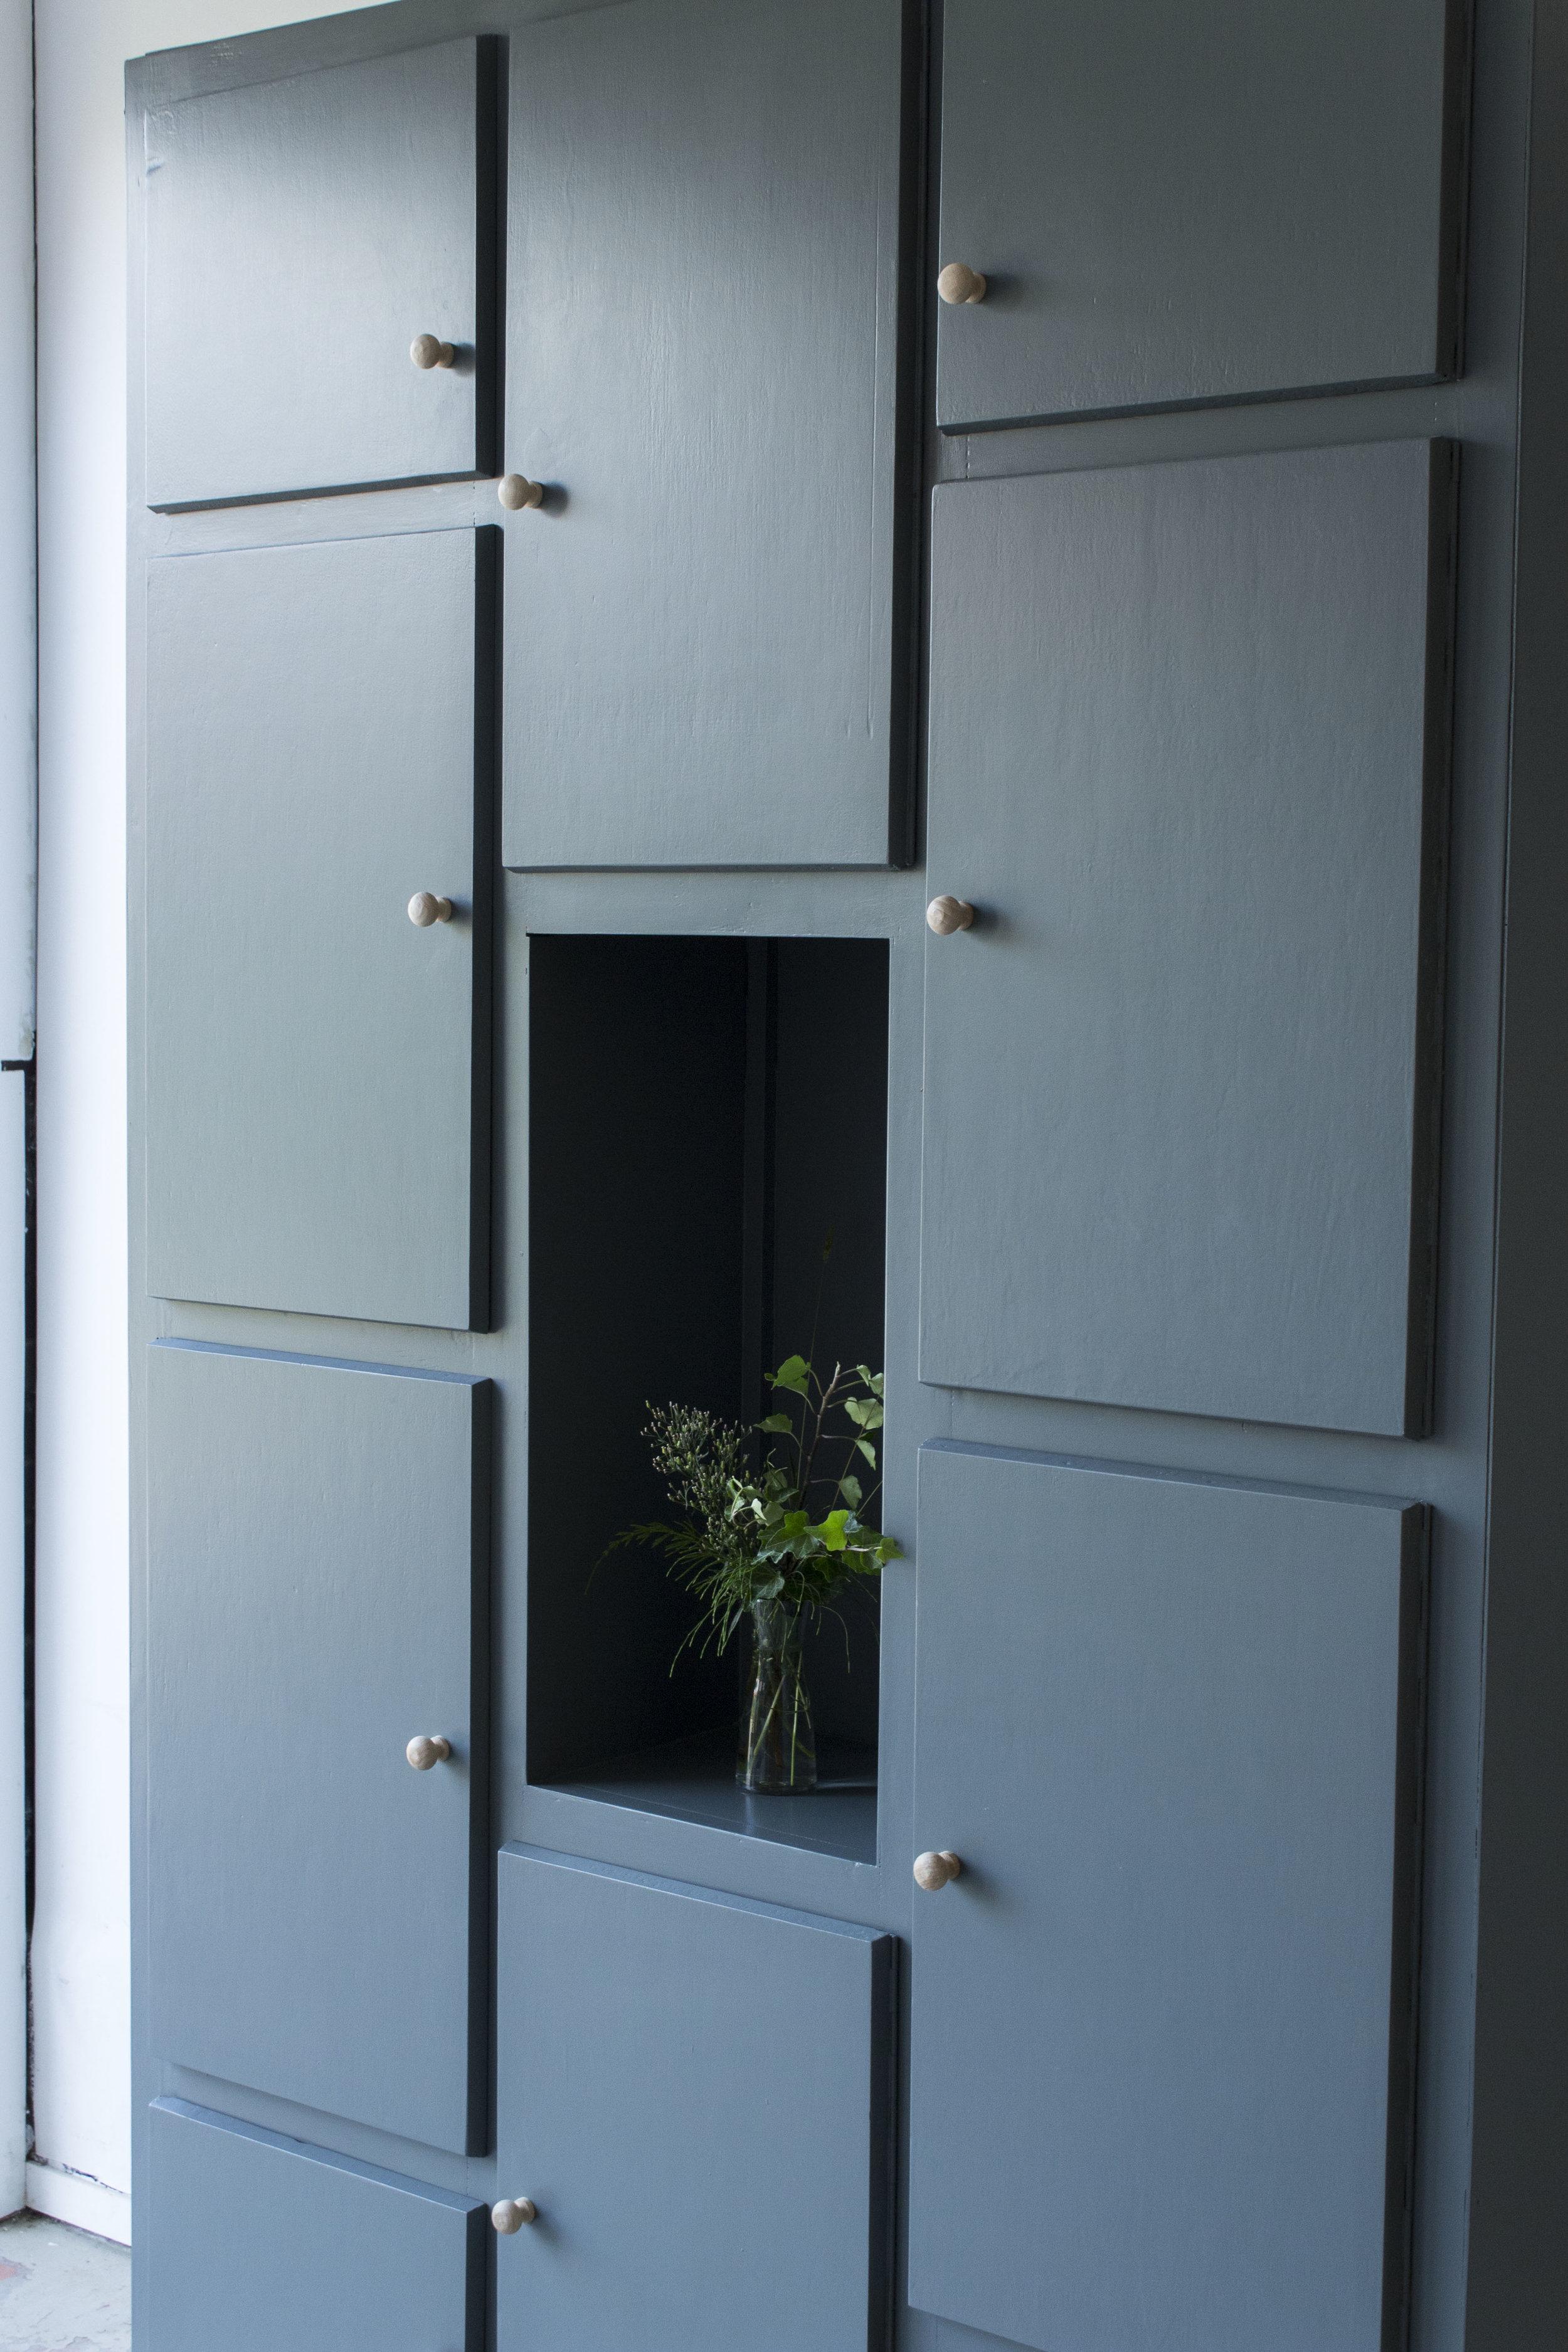 Grote kiezelkast met deurtjes -  Firma zoethout_7.jpg